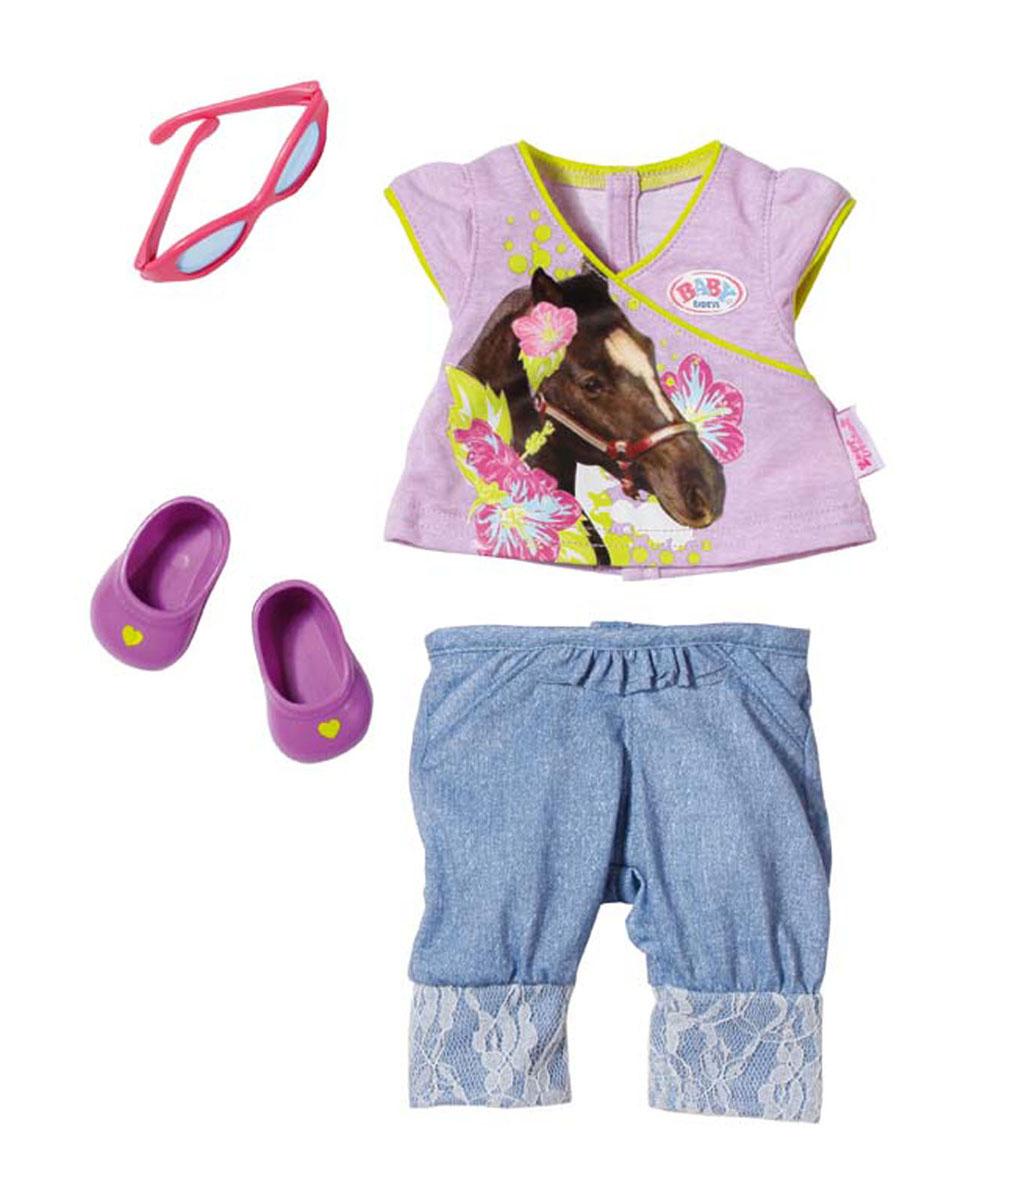 Baby Born Одежда для кукол Модный цвет сиреневый голубой